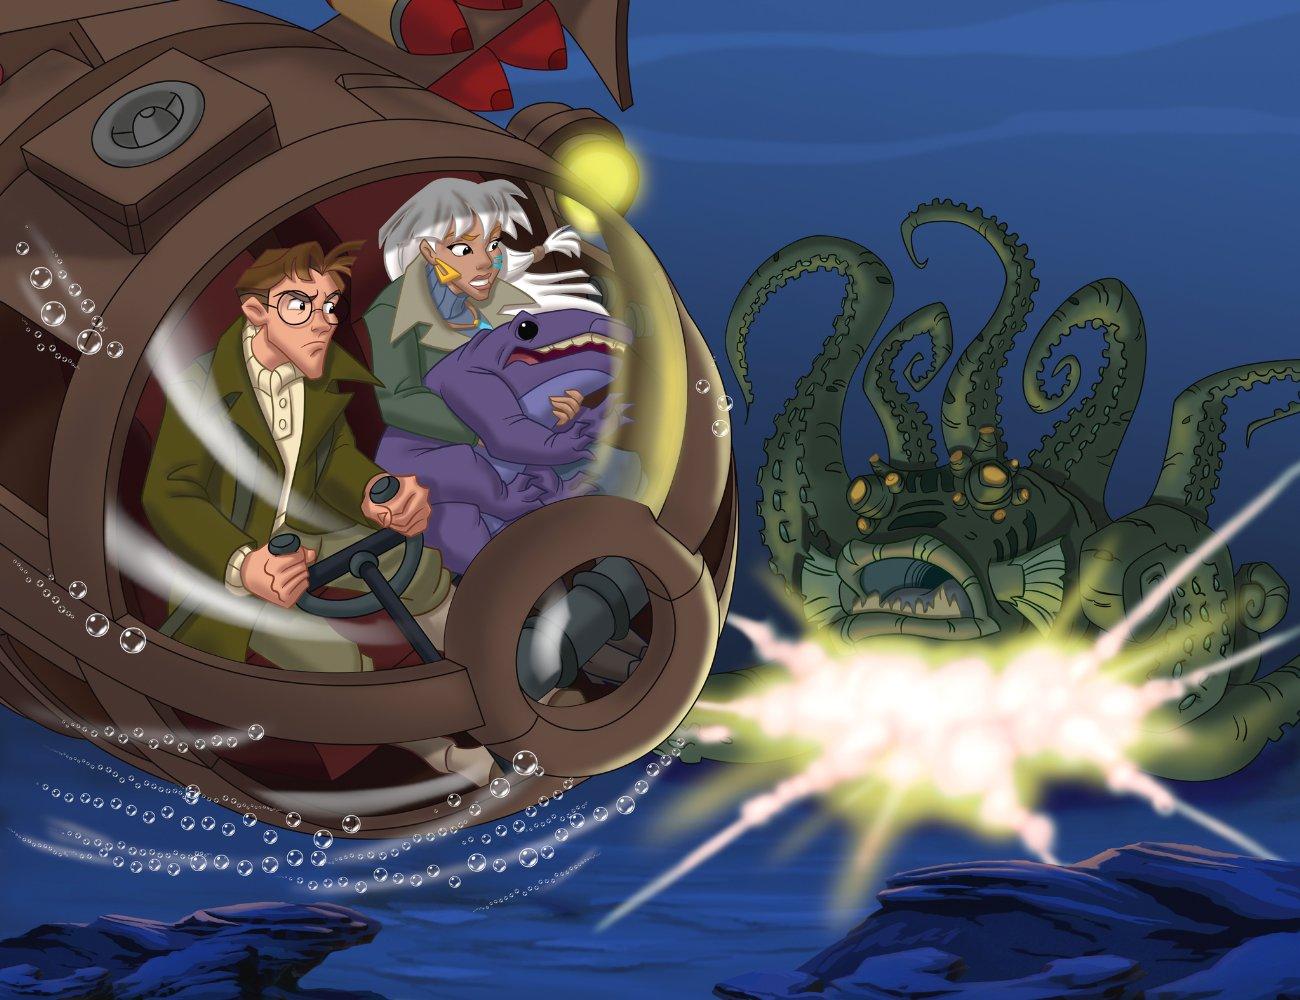 Atlantis: Milo's Return Backgrounds, Compatible - PC, Mobile, Gadgets| 1300x1000 px